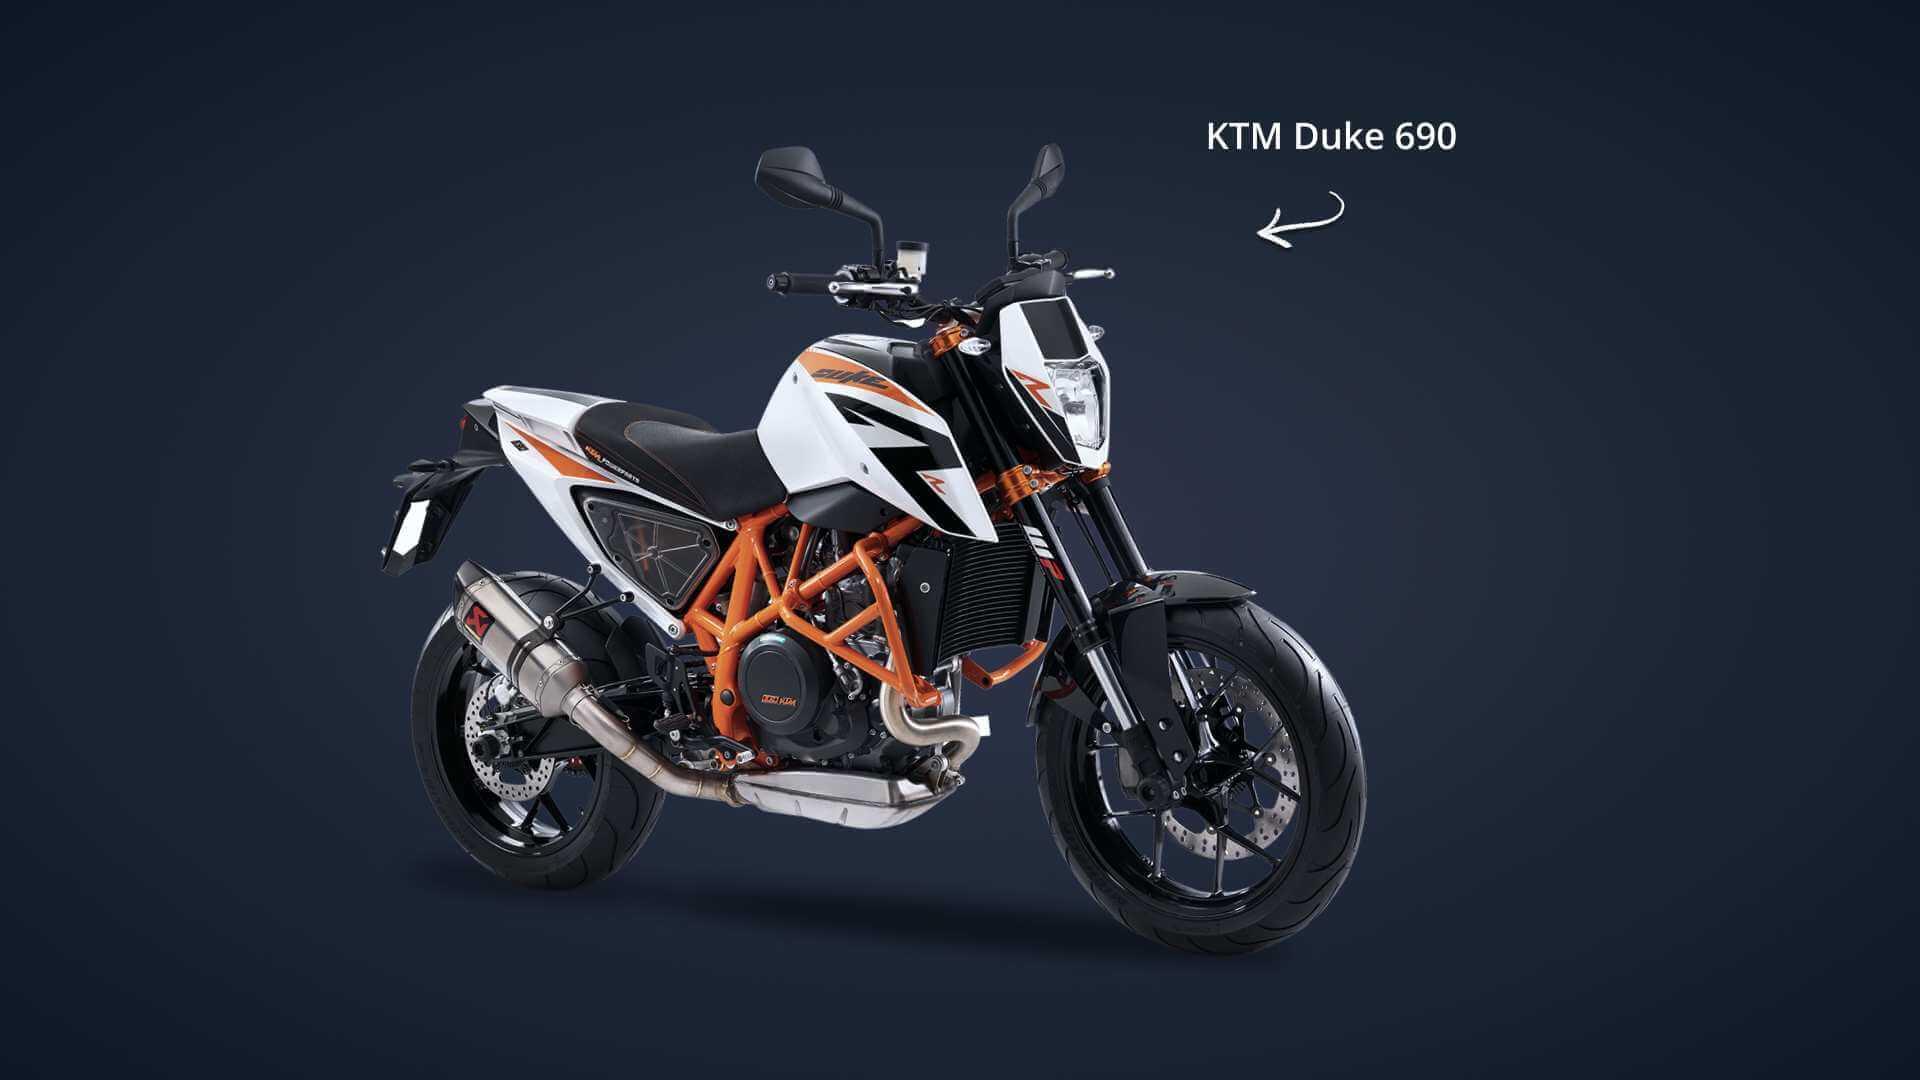 KTM Duke 690 volée et retrouvée grâce au traceur GPS Pégase Moto